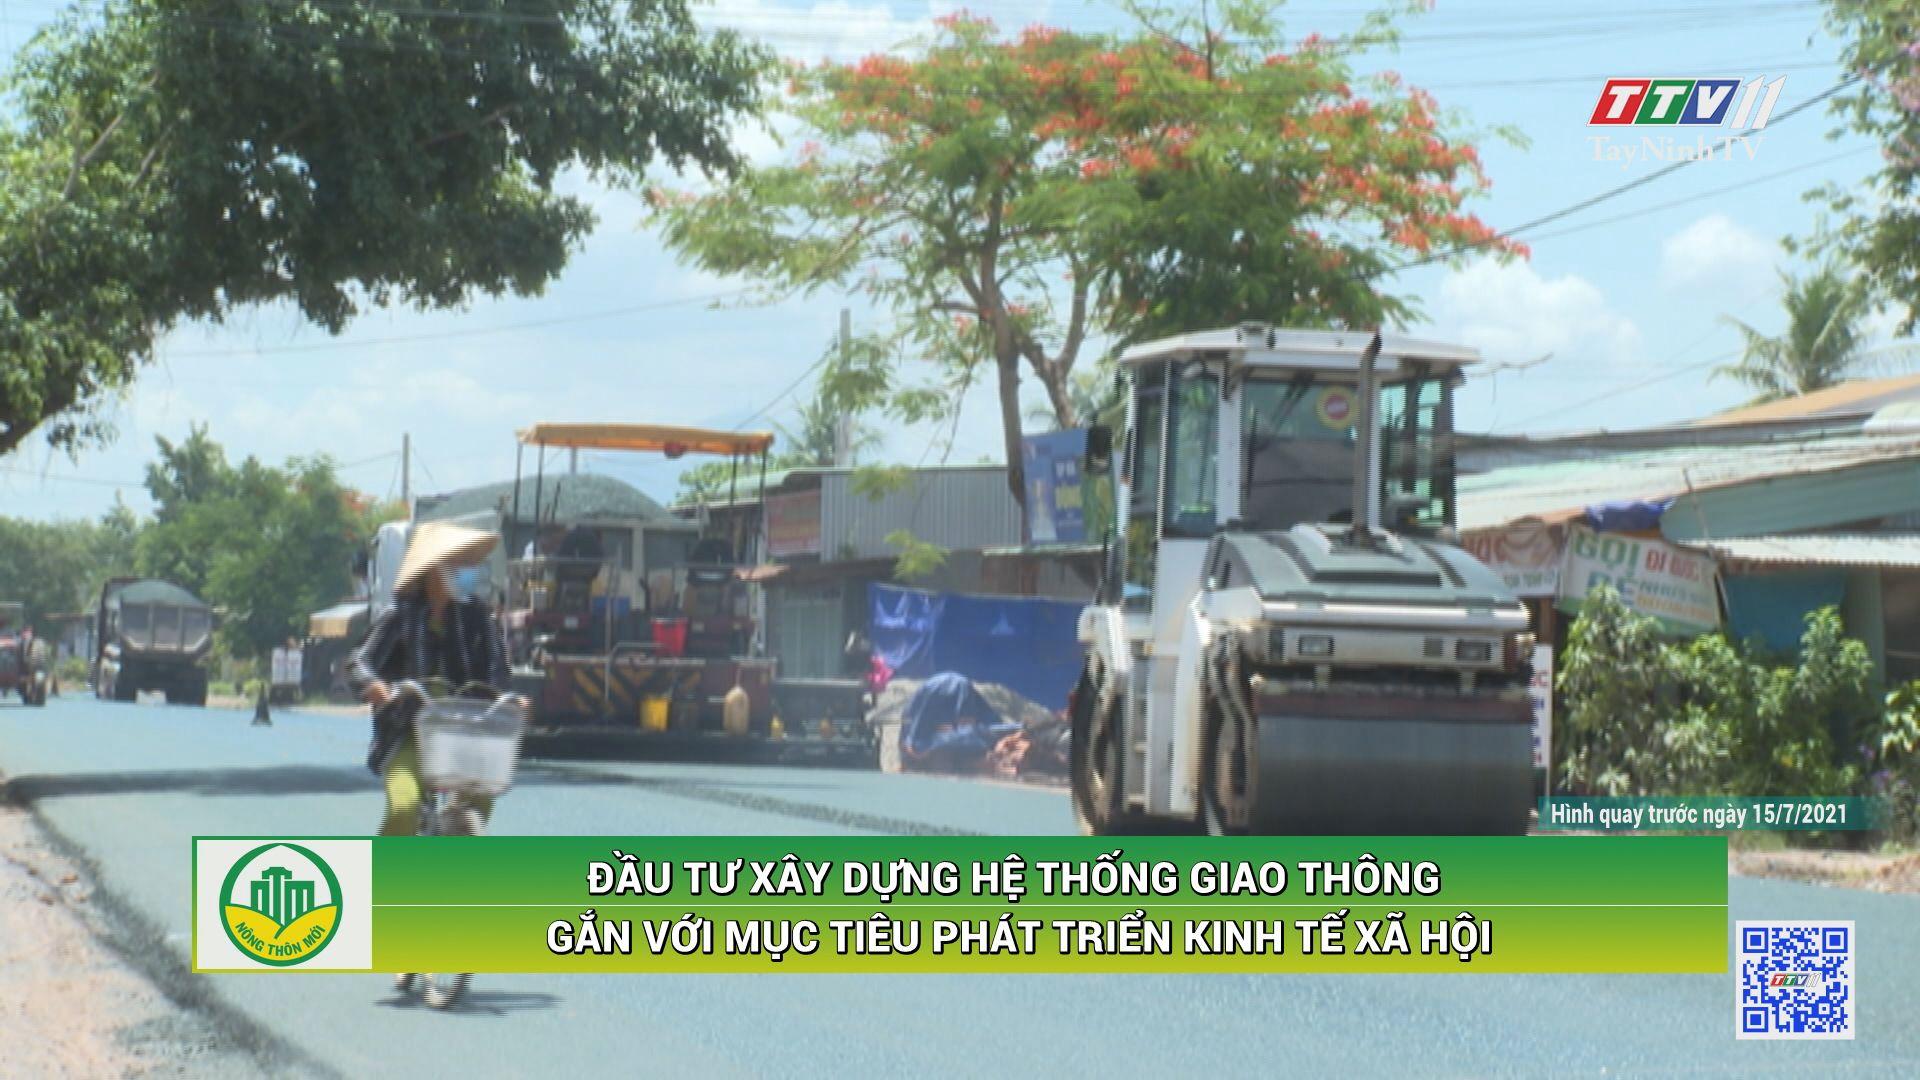 Đầu tư xây dựng hệ thống giao thông gắn với mục tiêu phát triển kinh kế xã hội | TÂY NINH XÂY DỰNG NÔNG THÔN MỚI | TayNinhTV